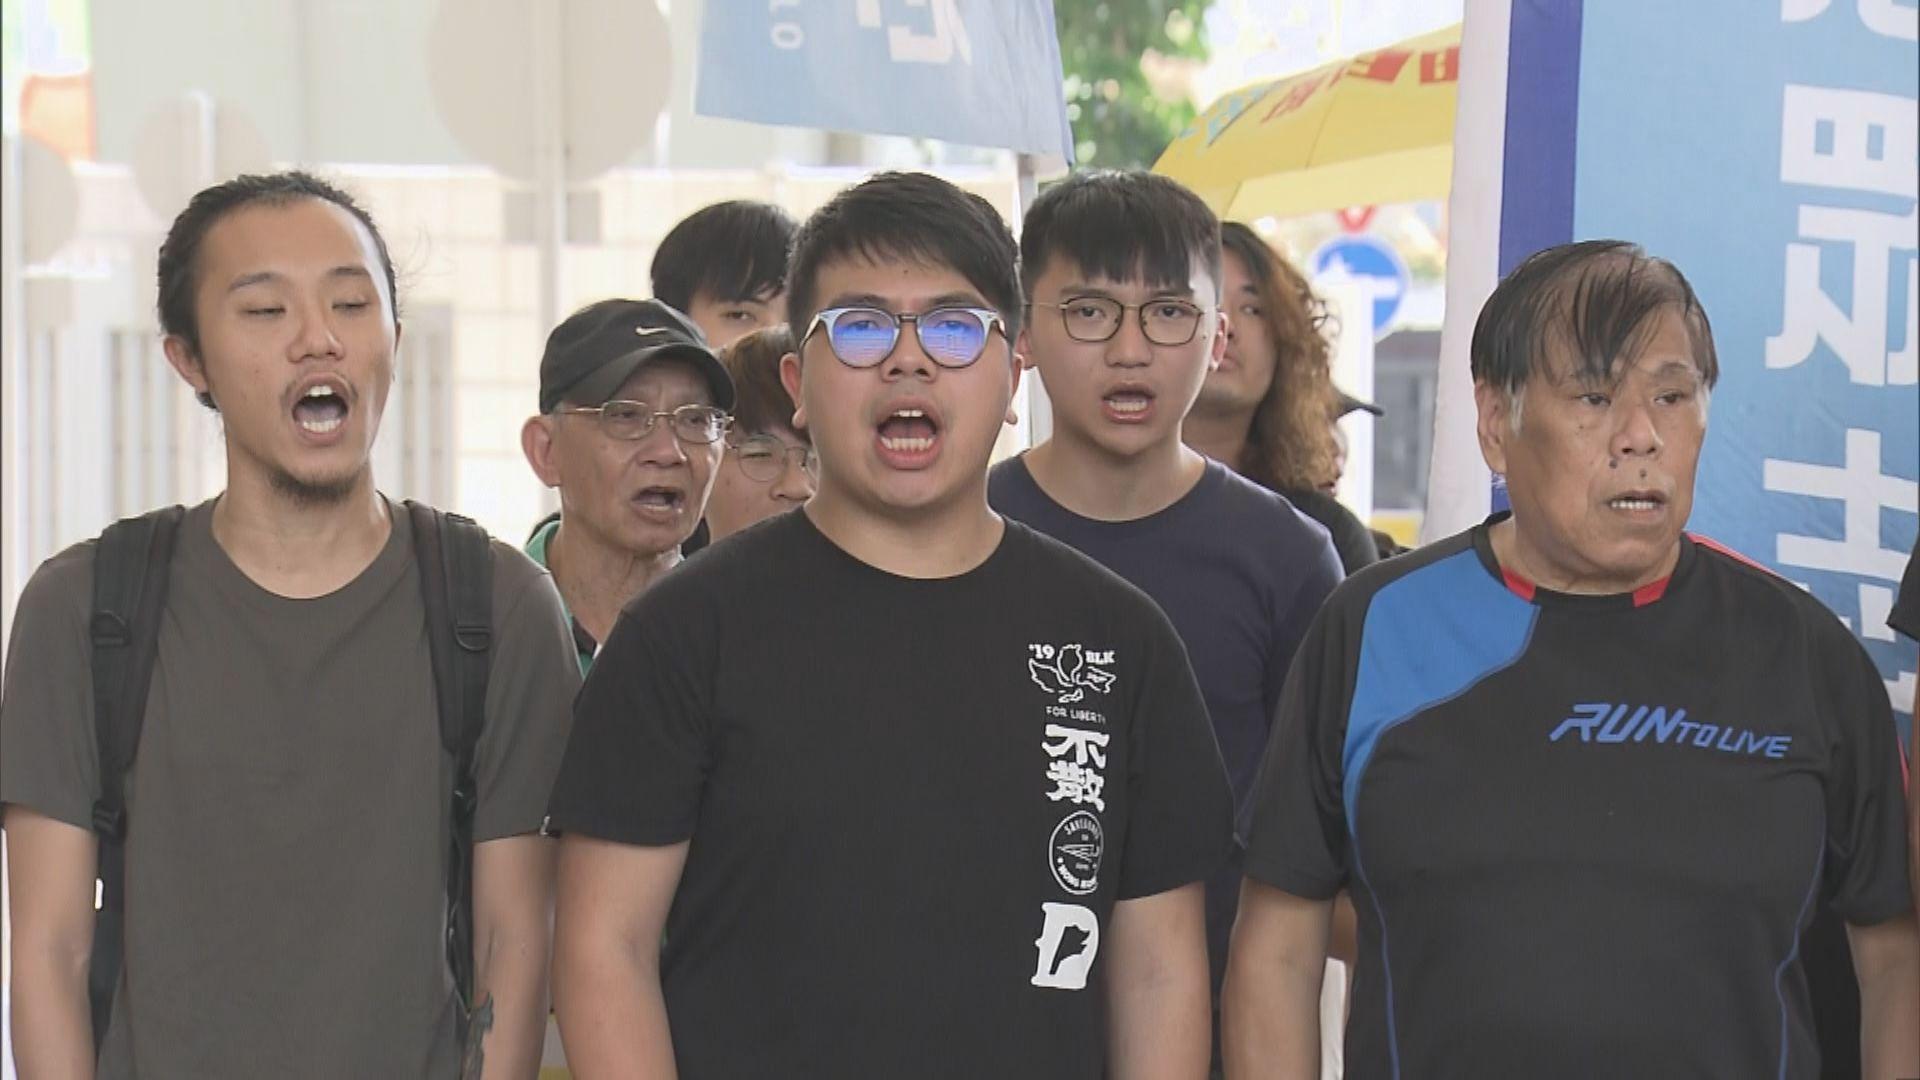 16年反釋法遊行 吳文遠林朗彥獲判緩刑